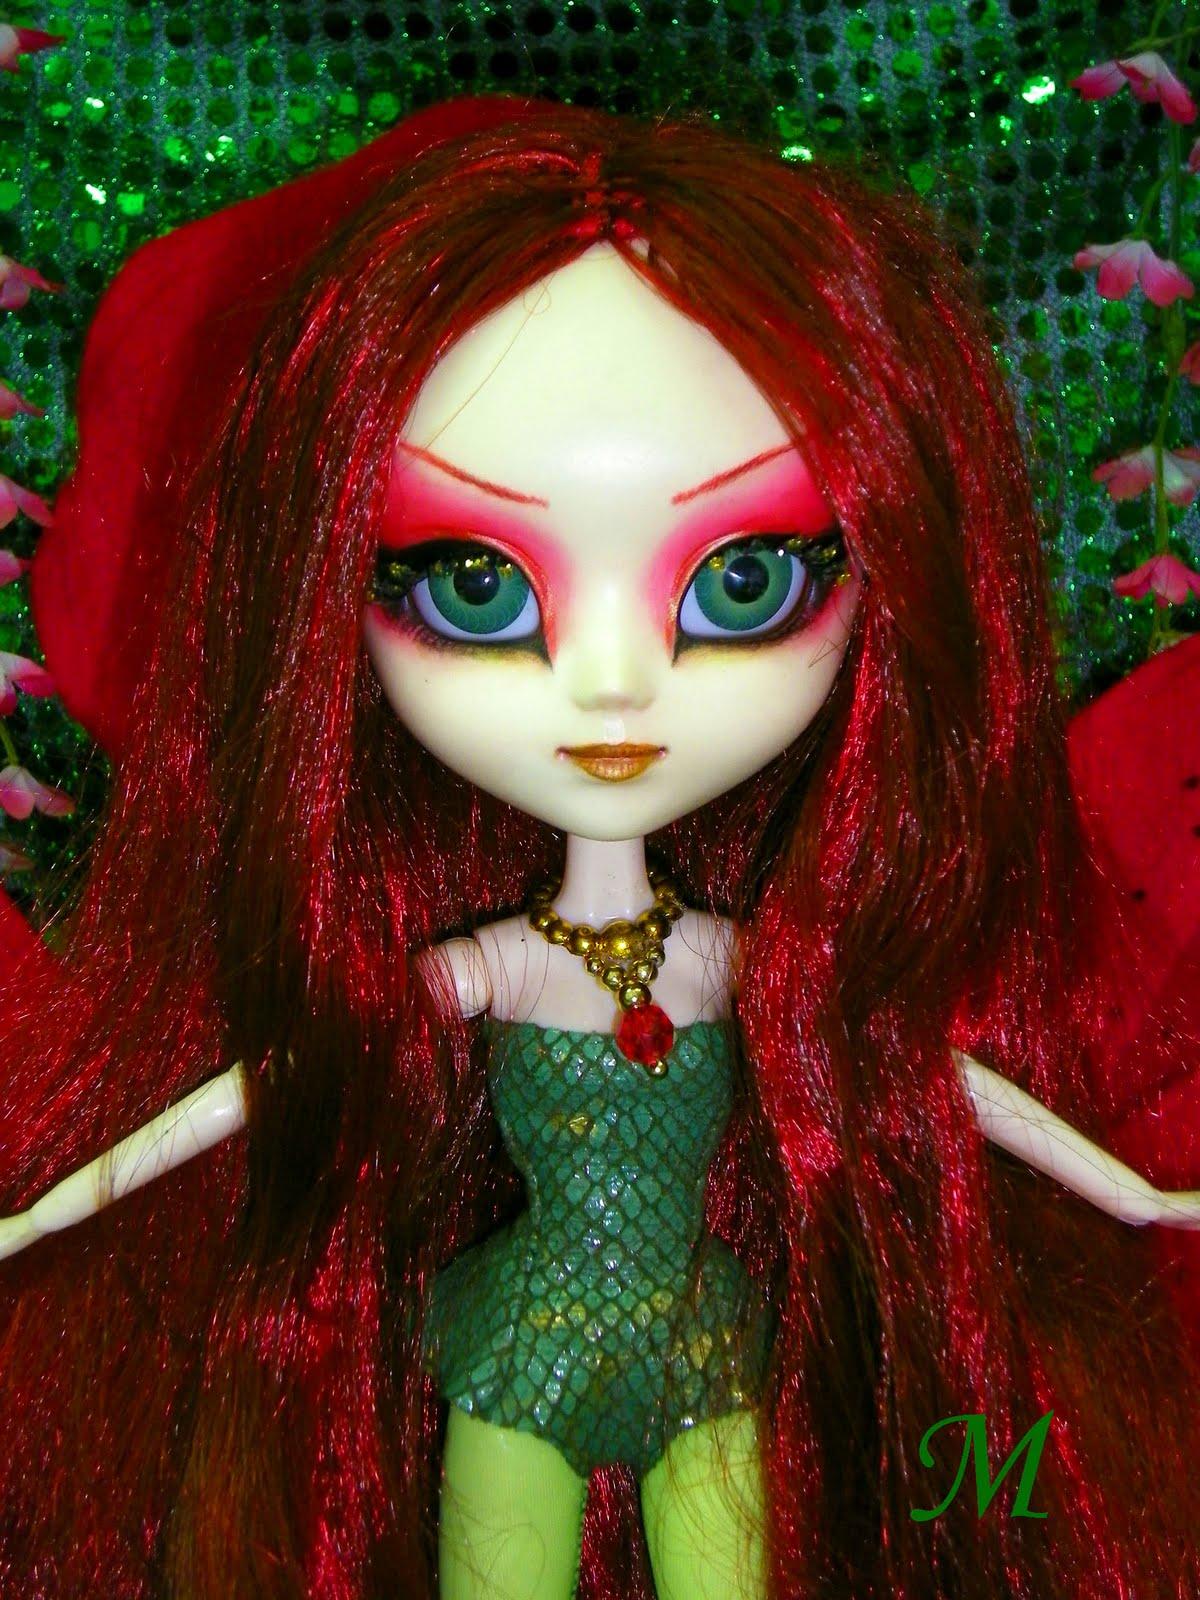 http://1.bp.blogspot.com/_eU4O8WcvNJk/THxUeBqquSI/AAAAAAAAQV0/DNHCFZLniUM/s1600/Poison+Ivy+9.jpg